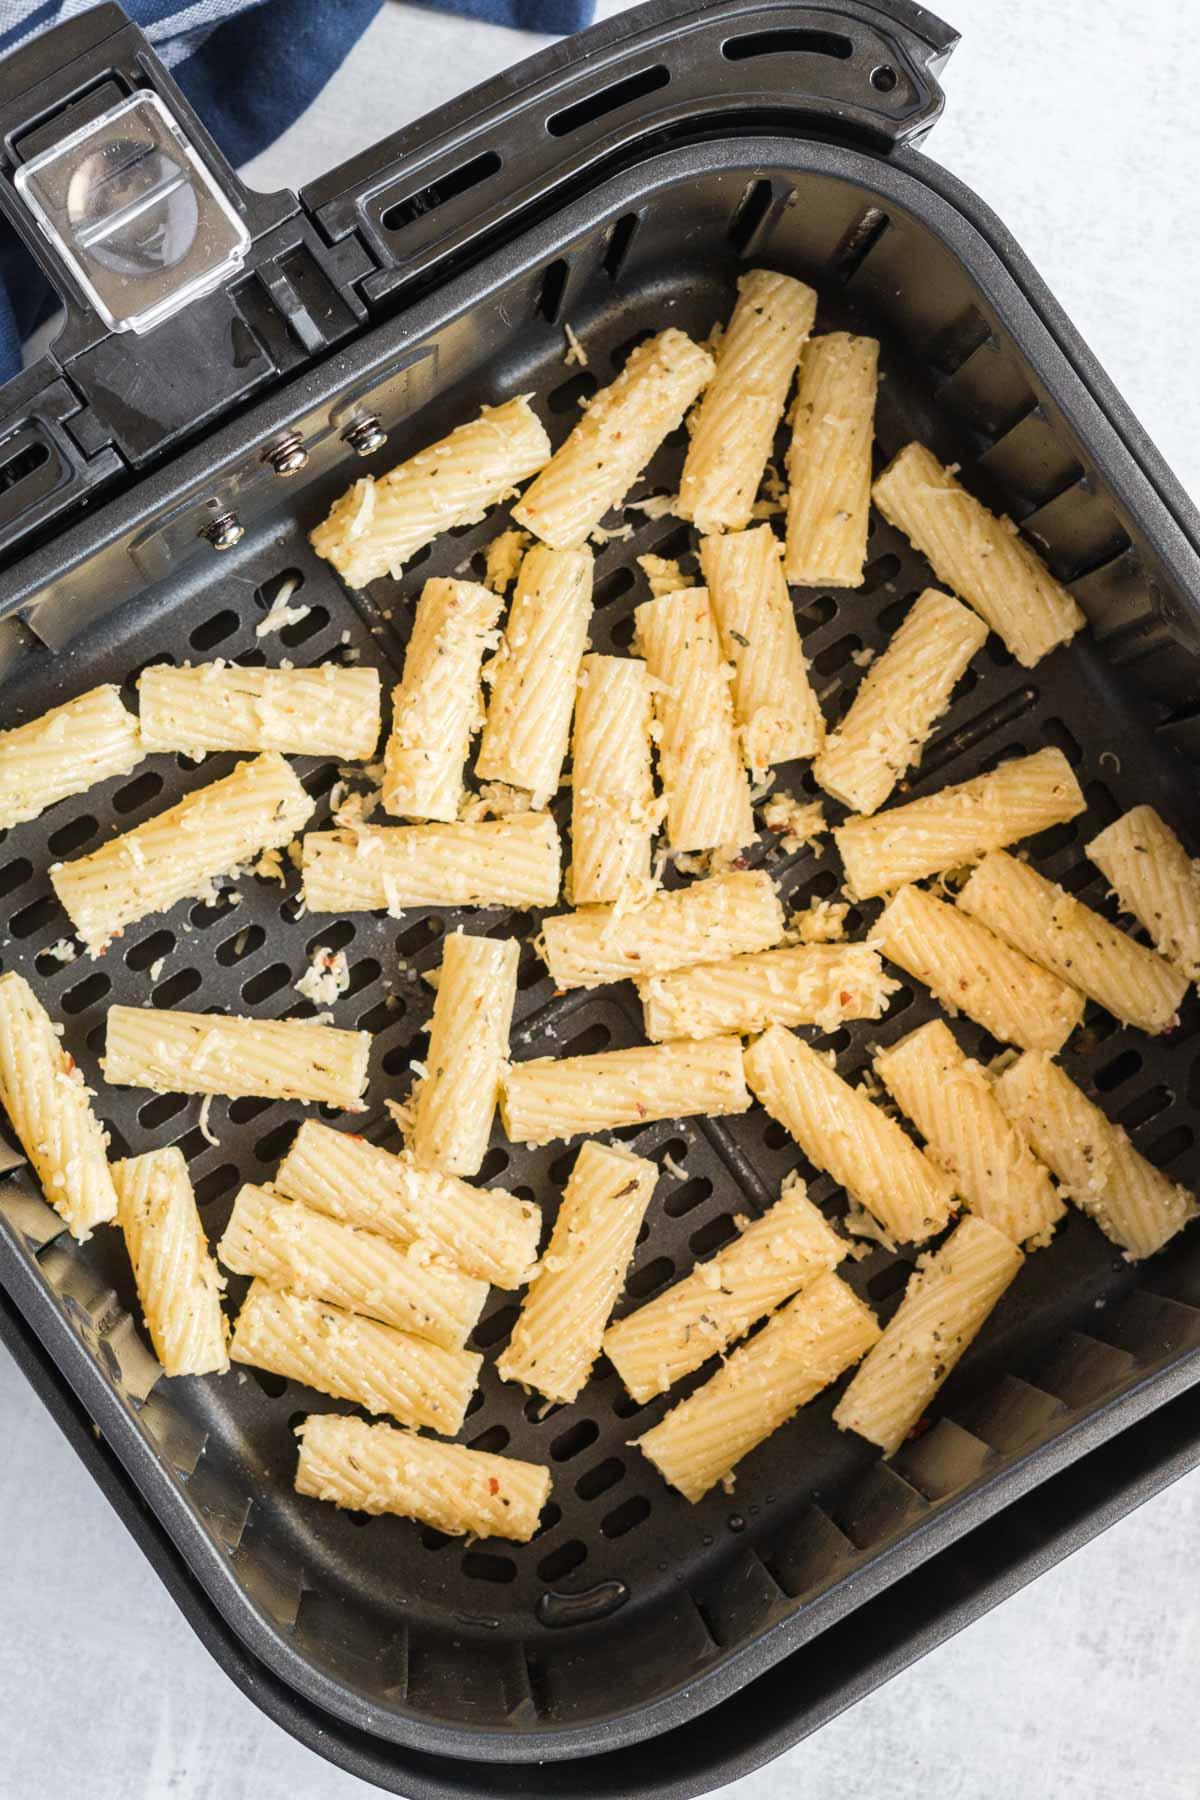 Seasoned pasta in an air fryer basket.